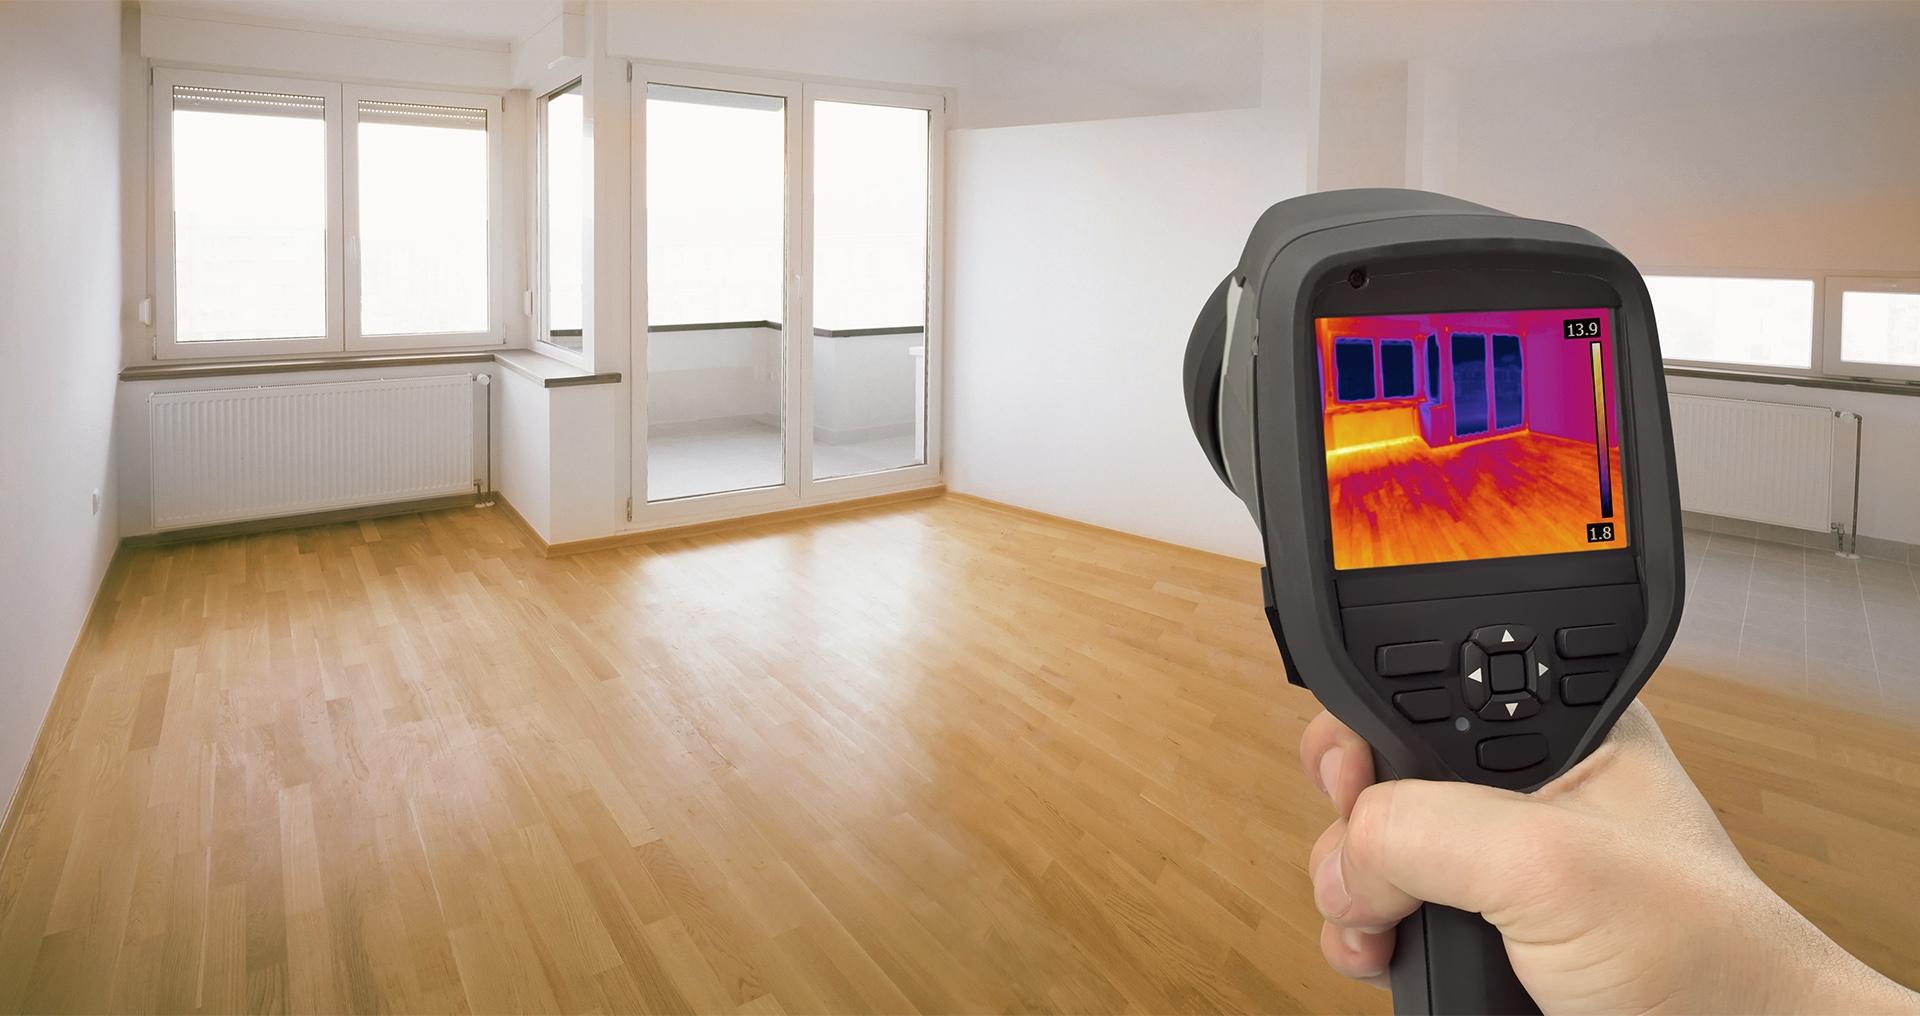 Тепловизионное обследование здания, помещения, квартиры, дома